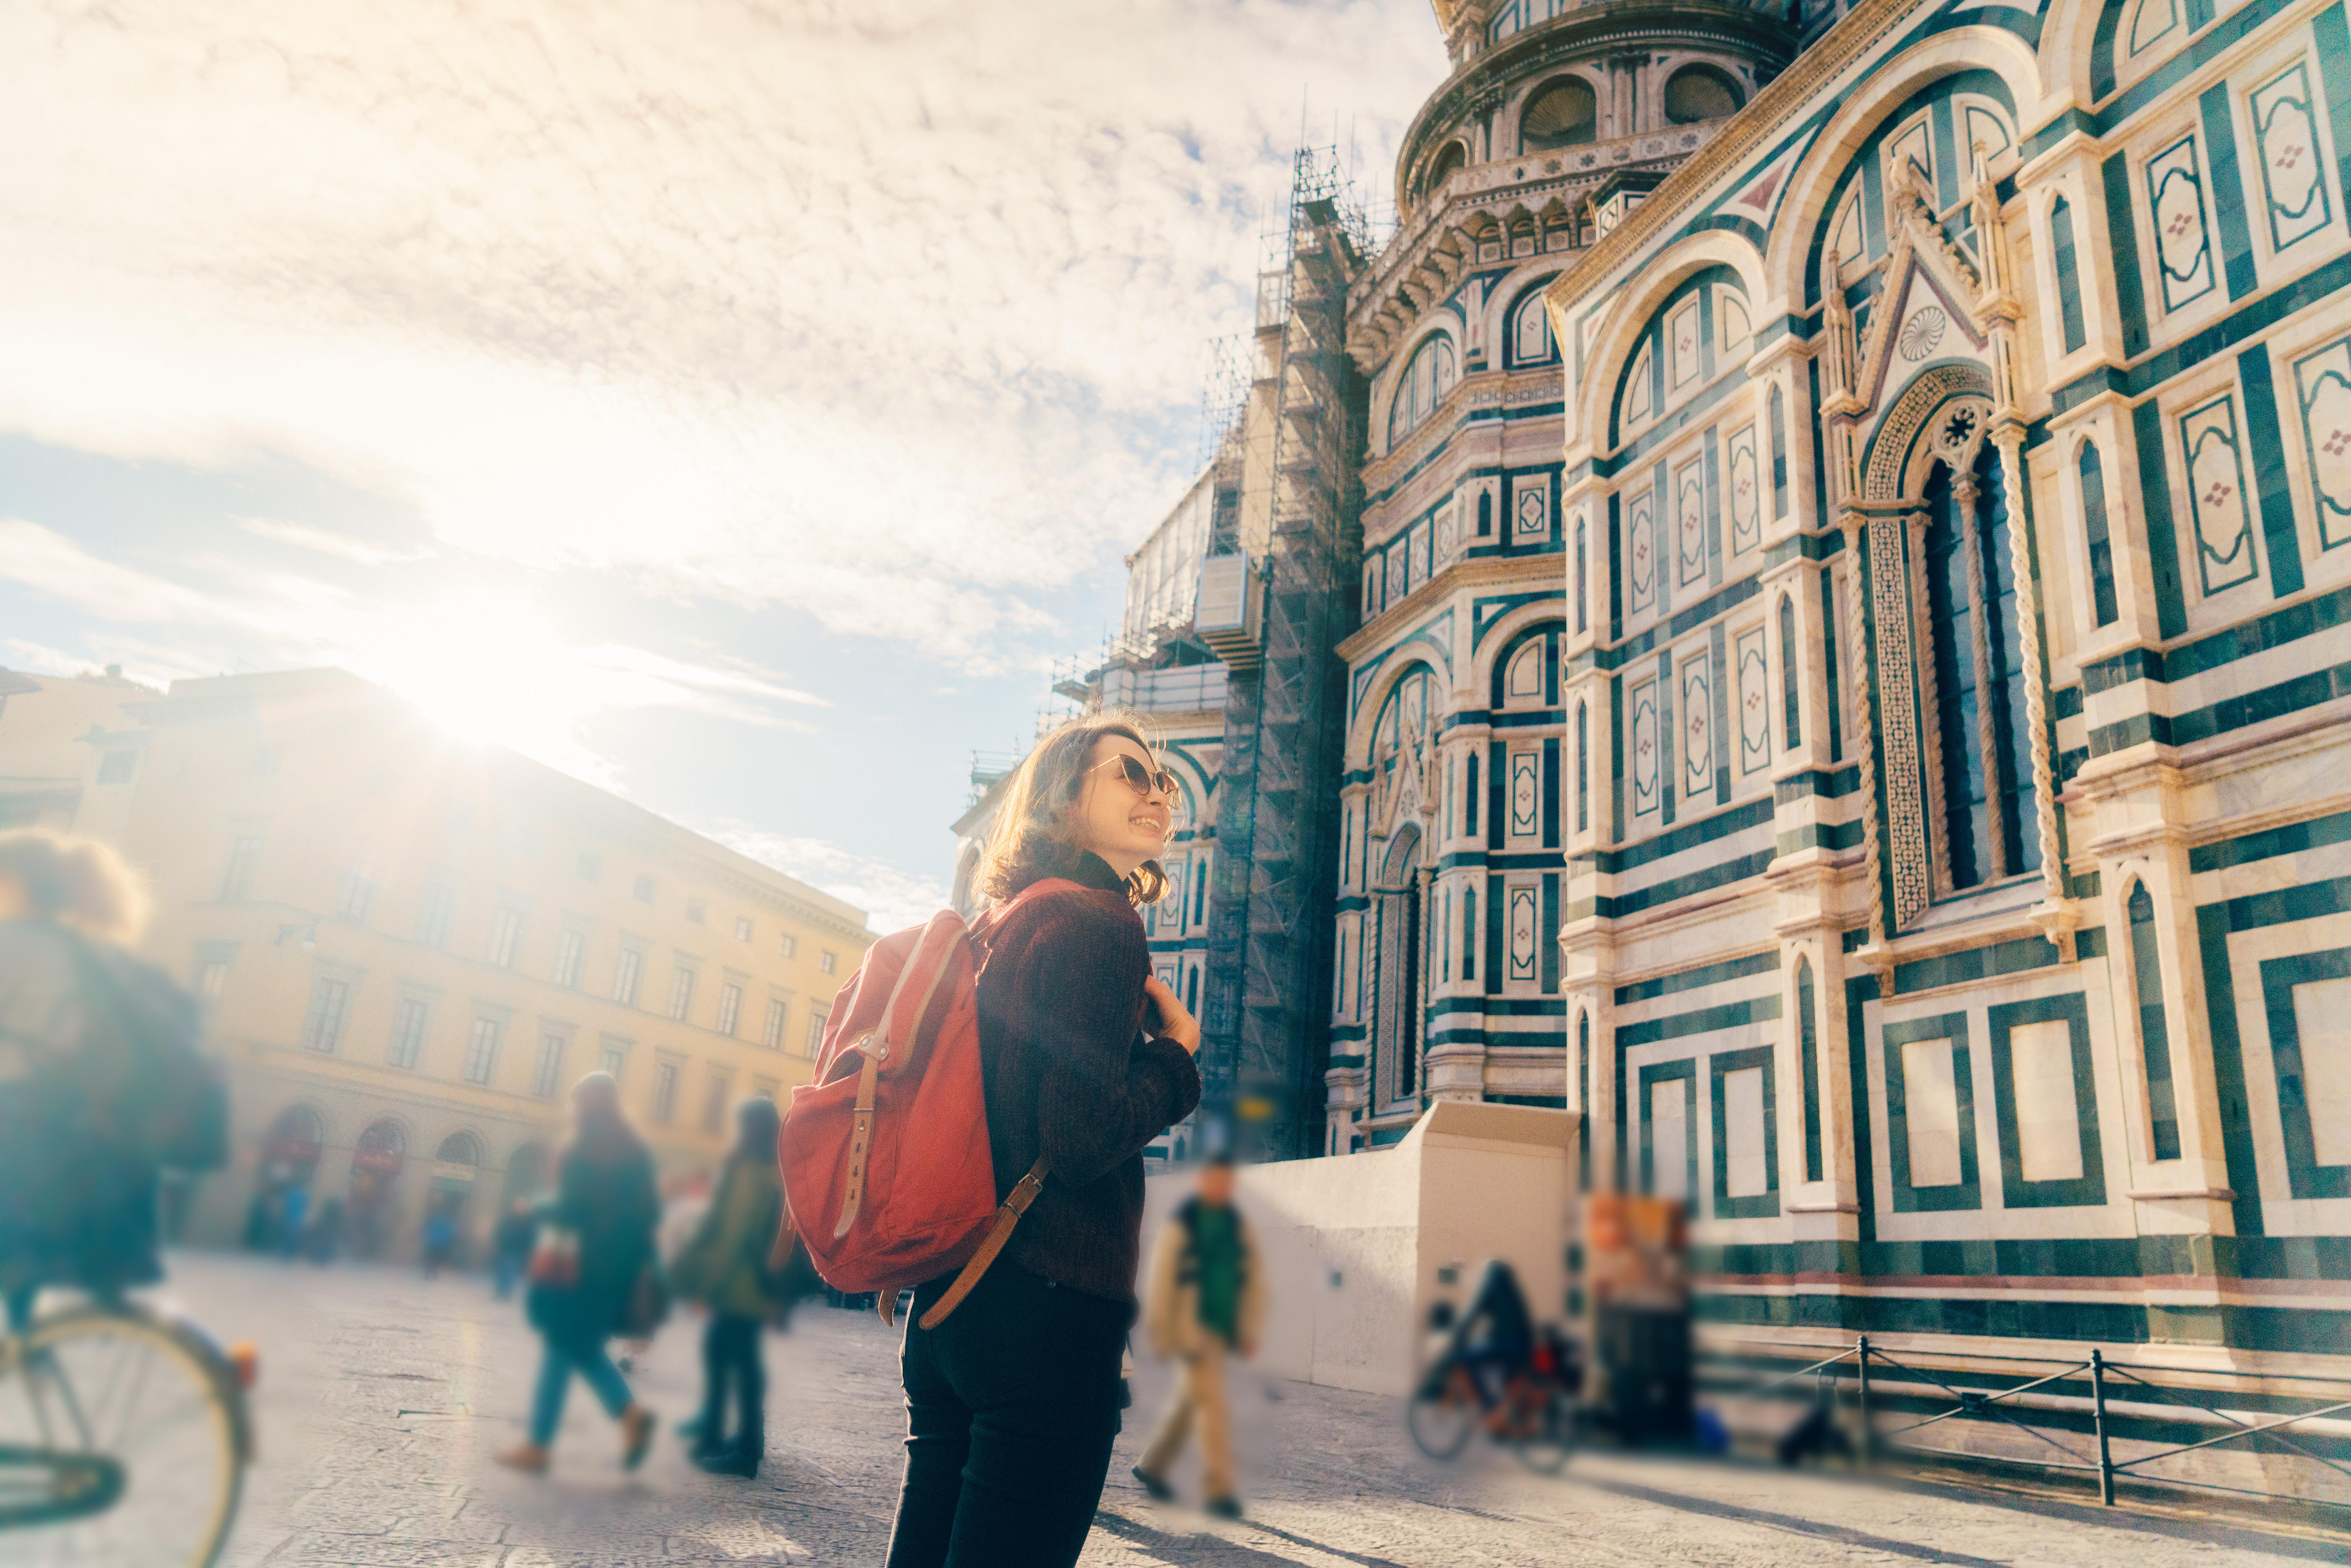 De compras por la creativa y artística Florencia - Italia Circuito Venecia, Florencia y Roma